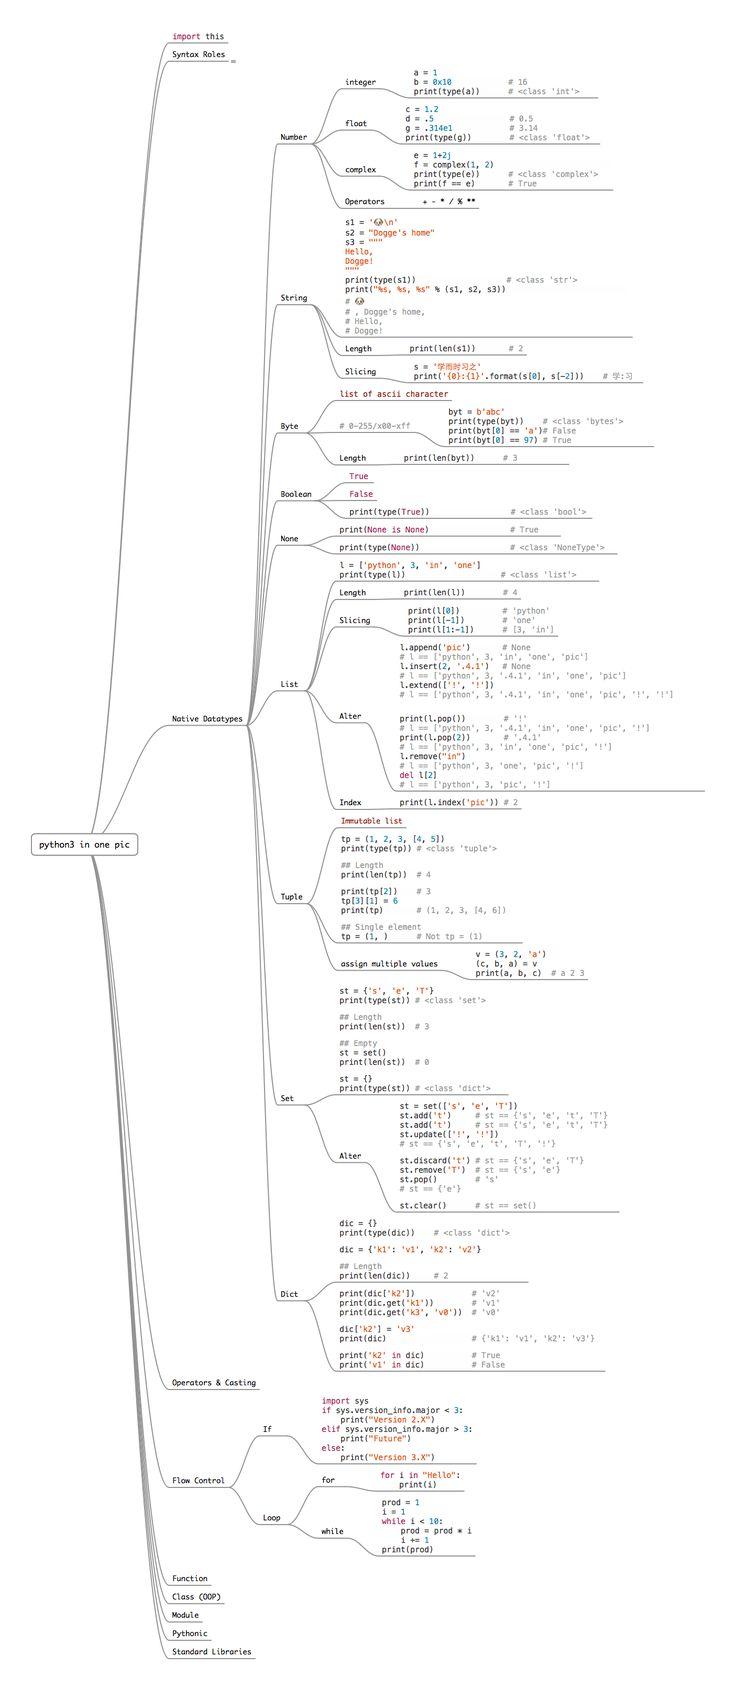 Aprende a programar en Python tan solo con ver una imagen - ComputerHoy.com